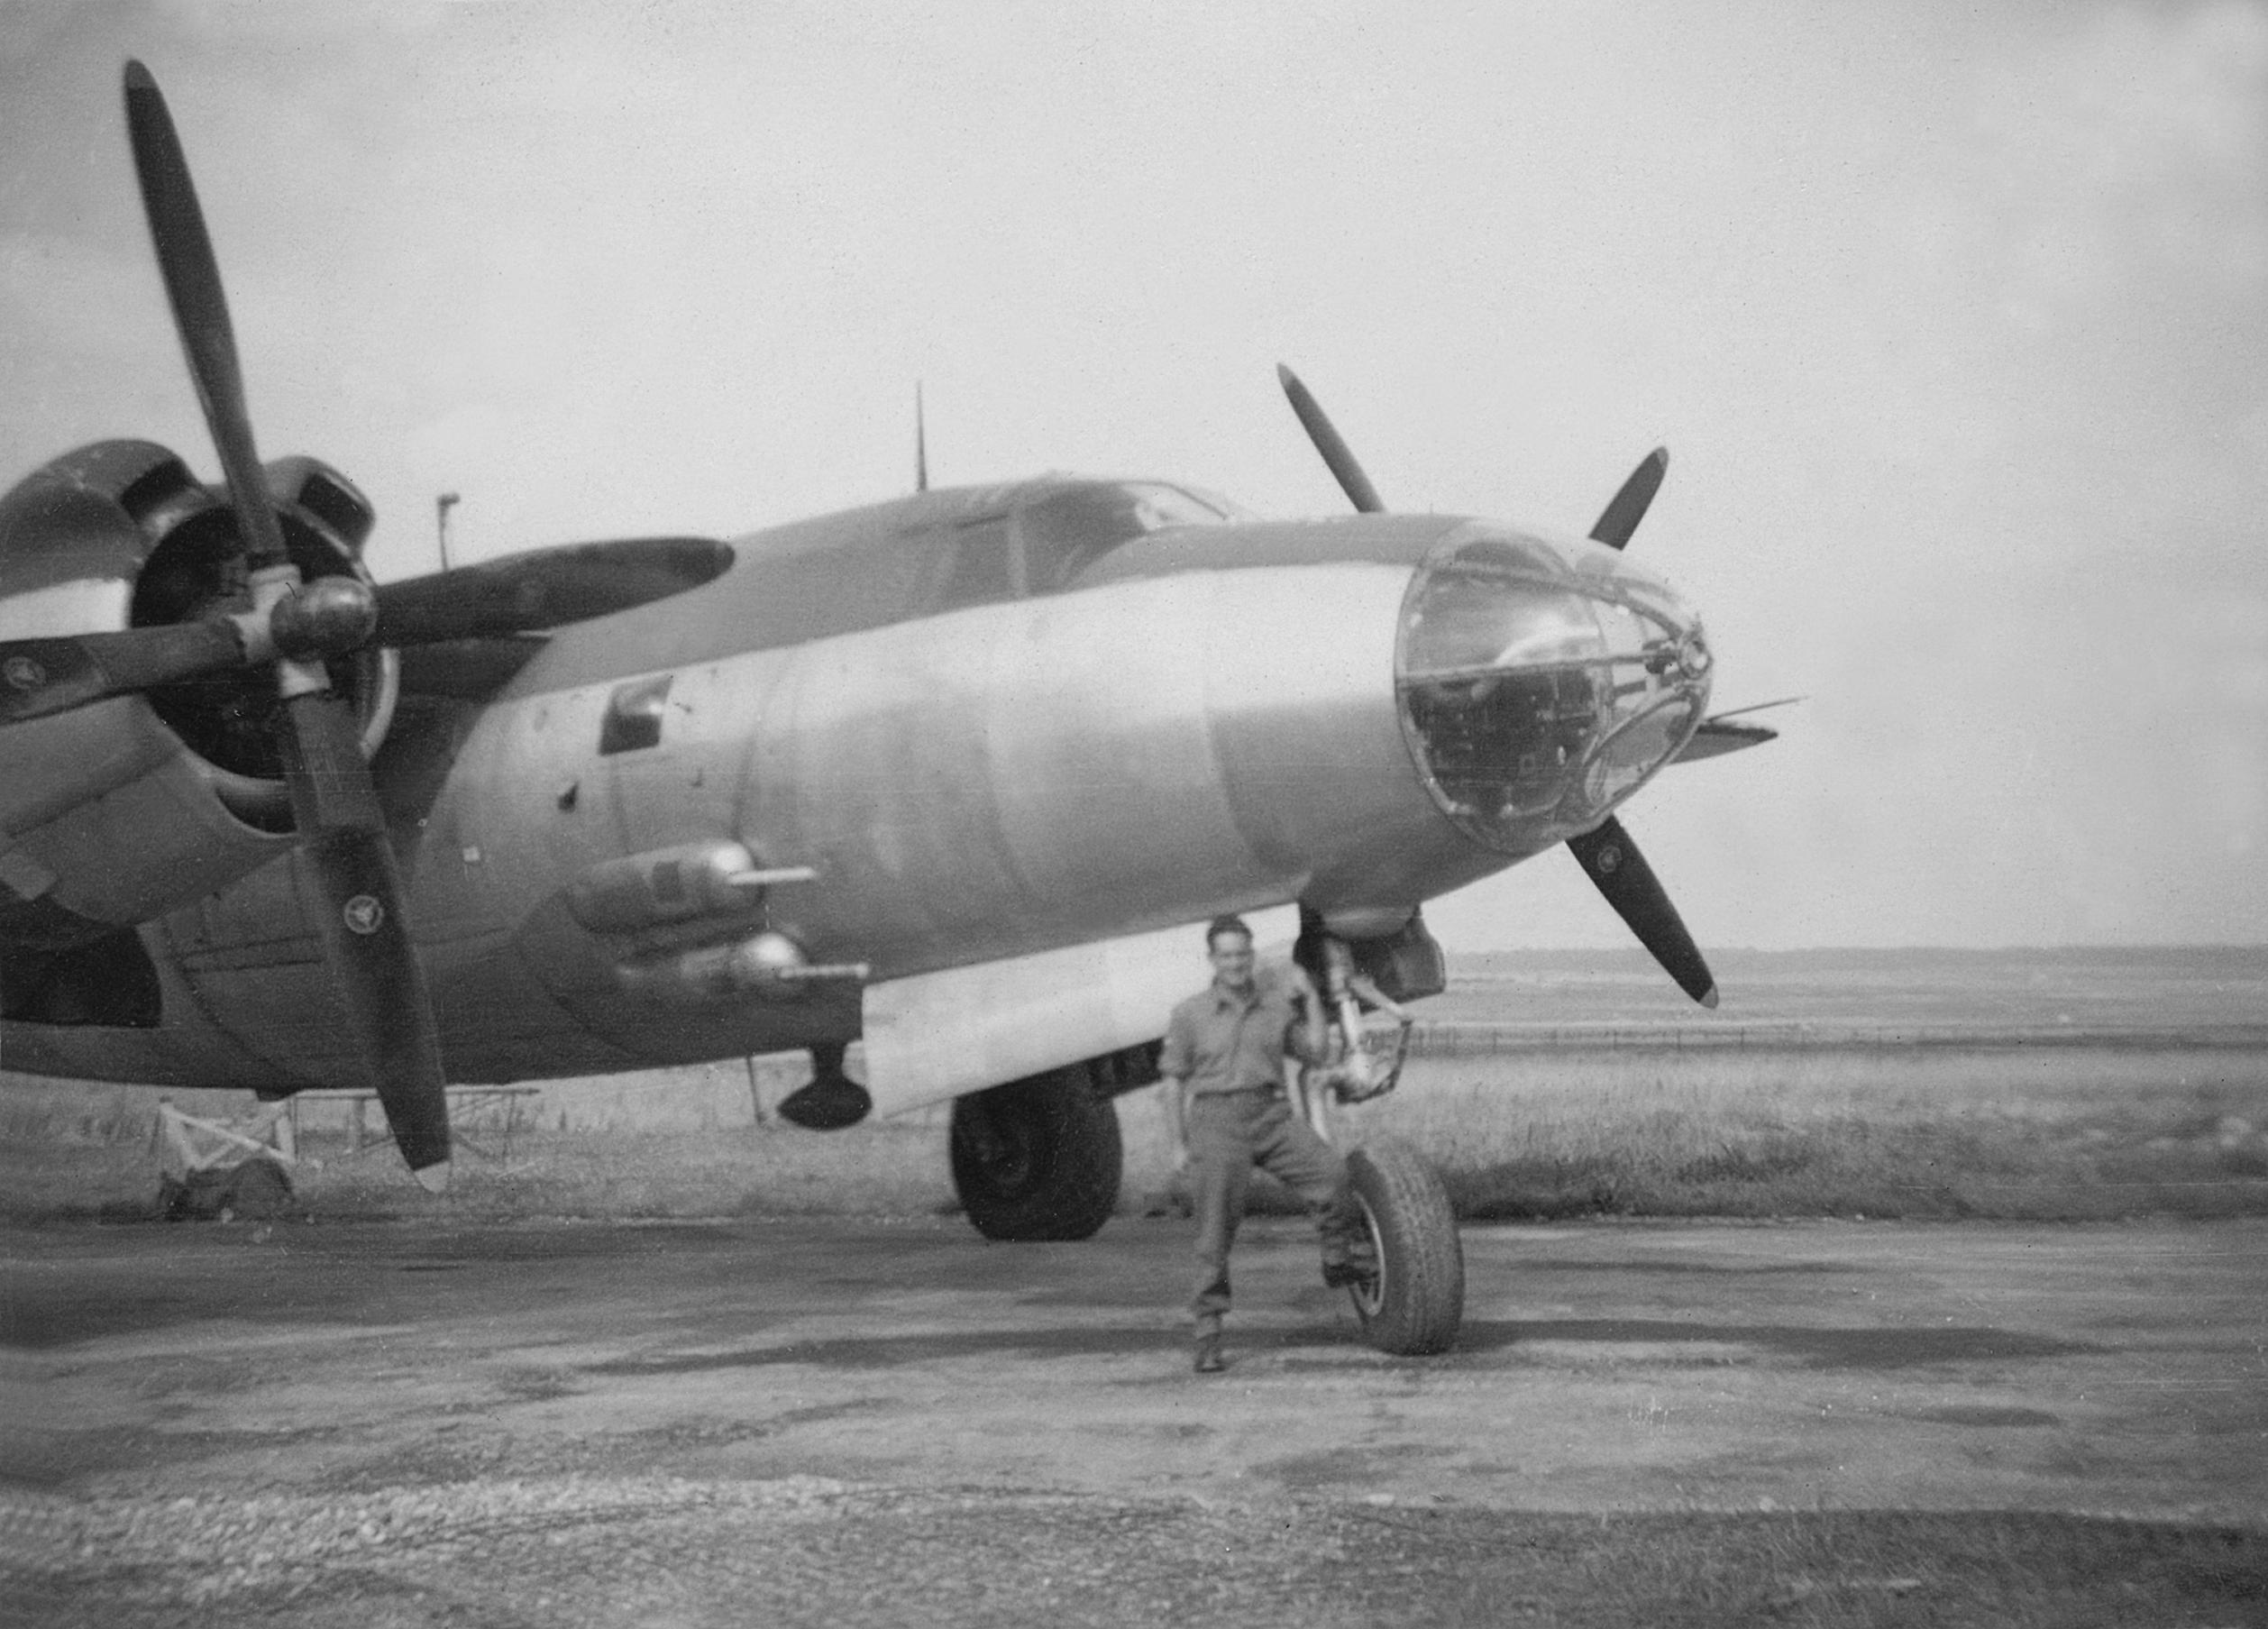 Francesc Dalmau amb un avi__ de les forces aliades. 1945. ADAM